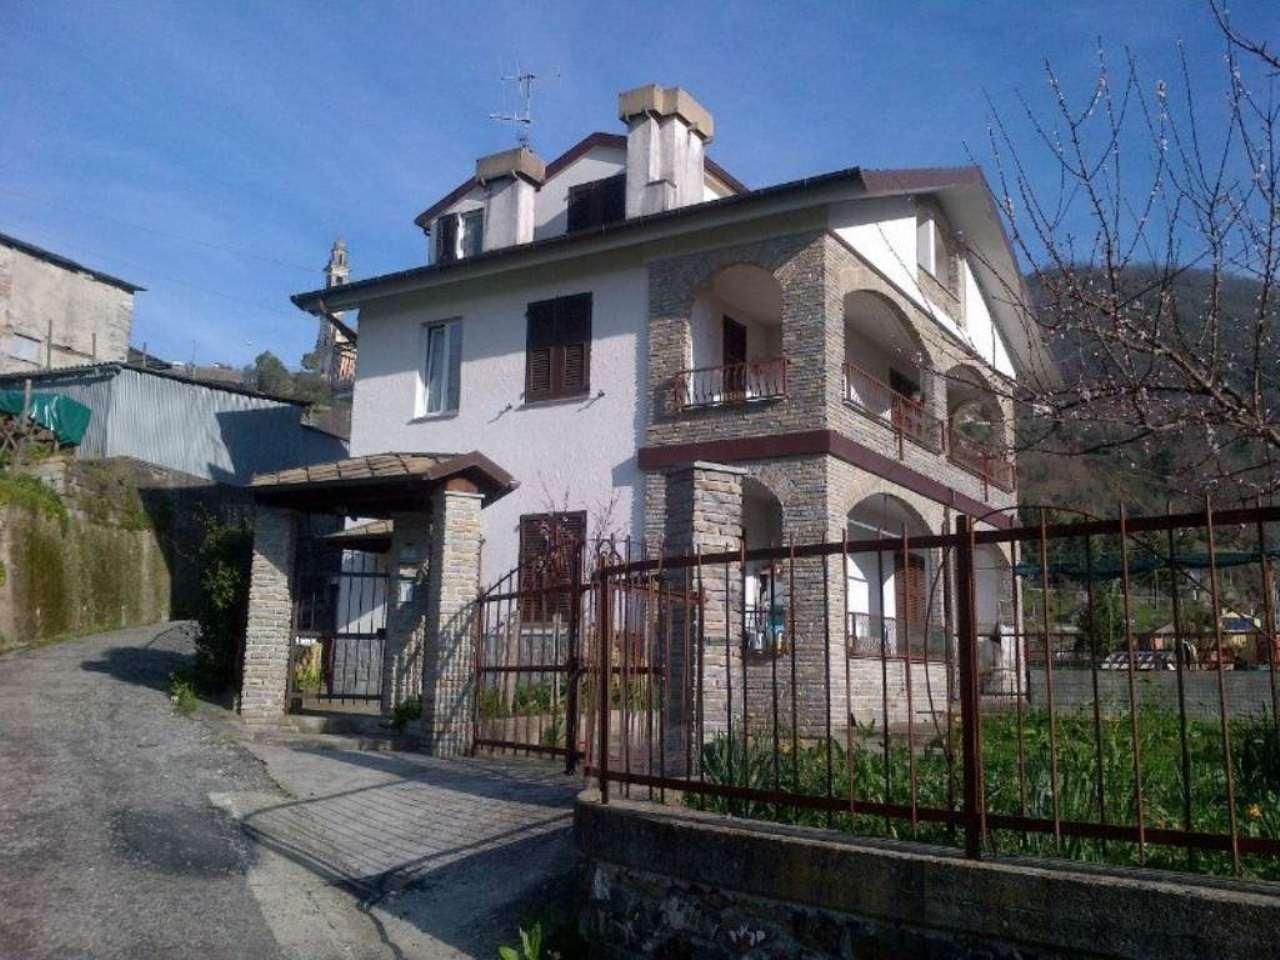 Attico / Mansarda in vendita a Moconesi, 4 locali, prezzo € 99.000 | PortaleAgenzieImmobiliari.it